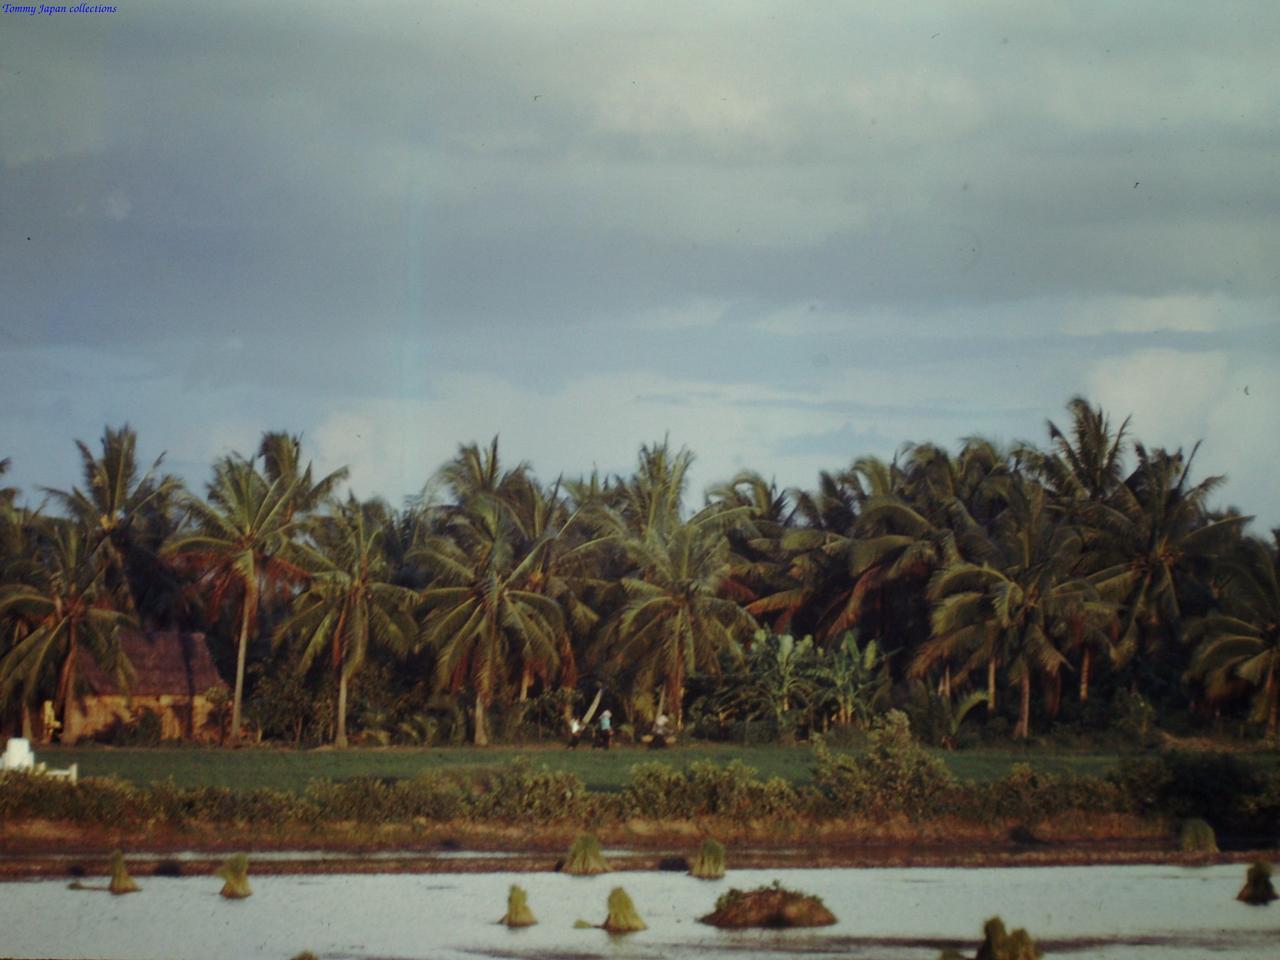 Khung cảnh miền Tây gần trại Bình Phước tháng 9 năm 1967 | Photo by Fletcher Clyde